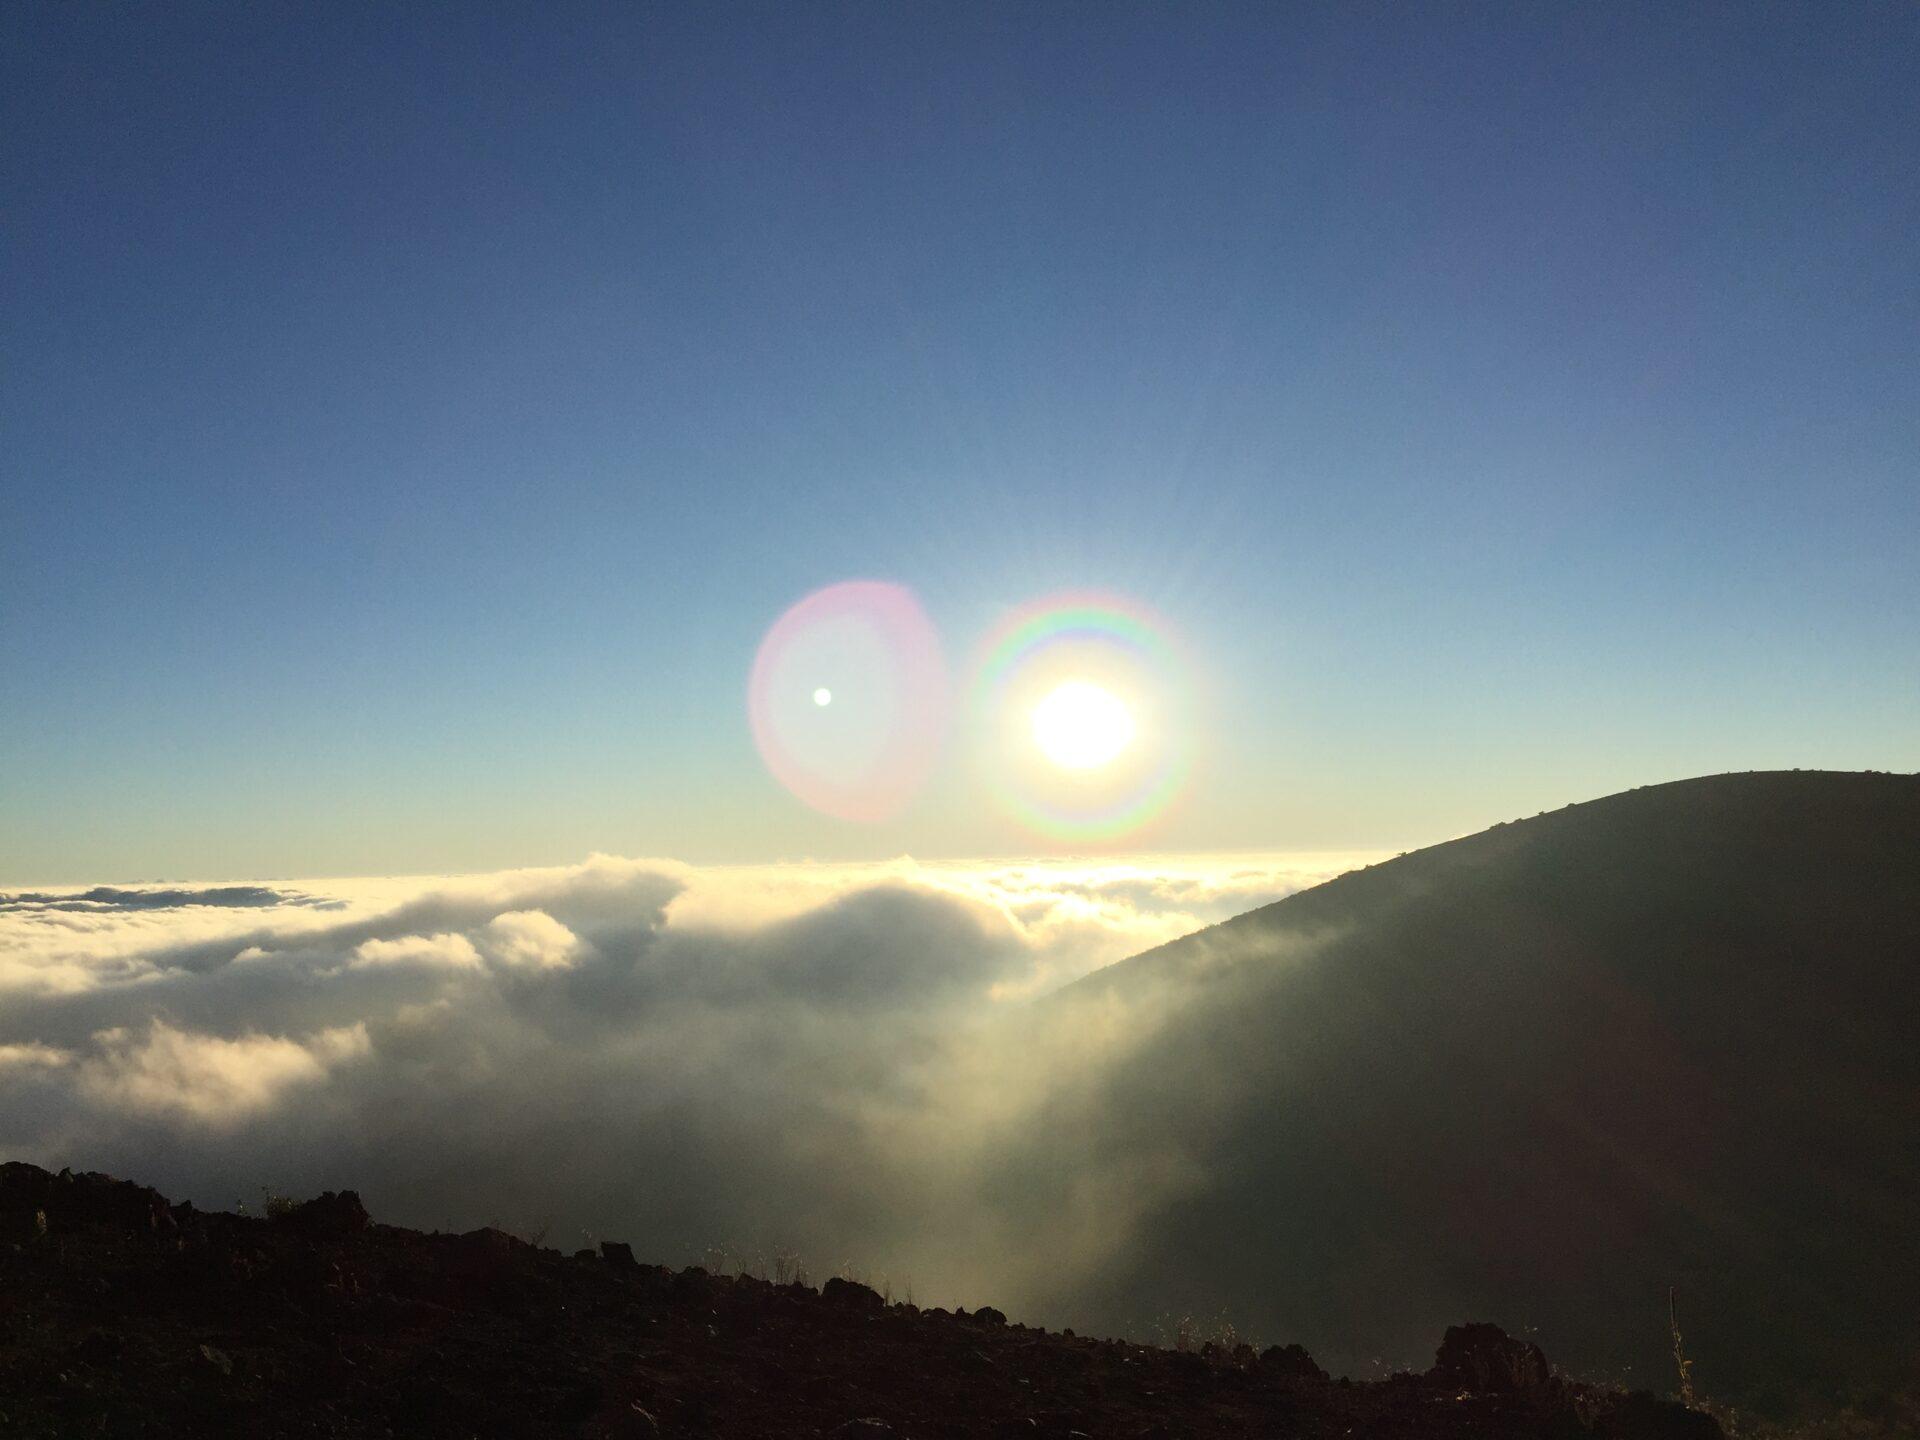 ハワイ島 マウナケア山